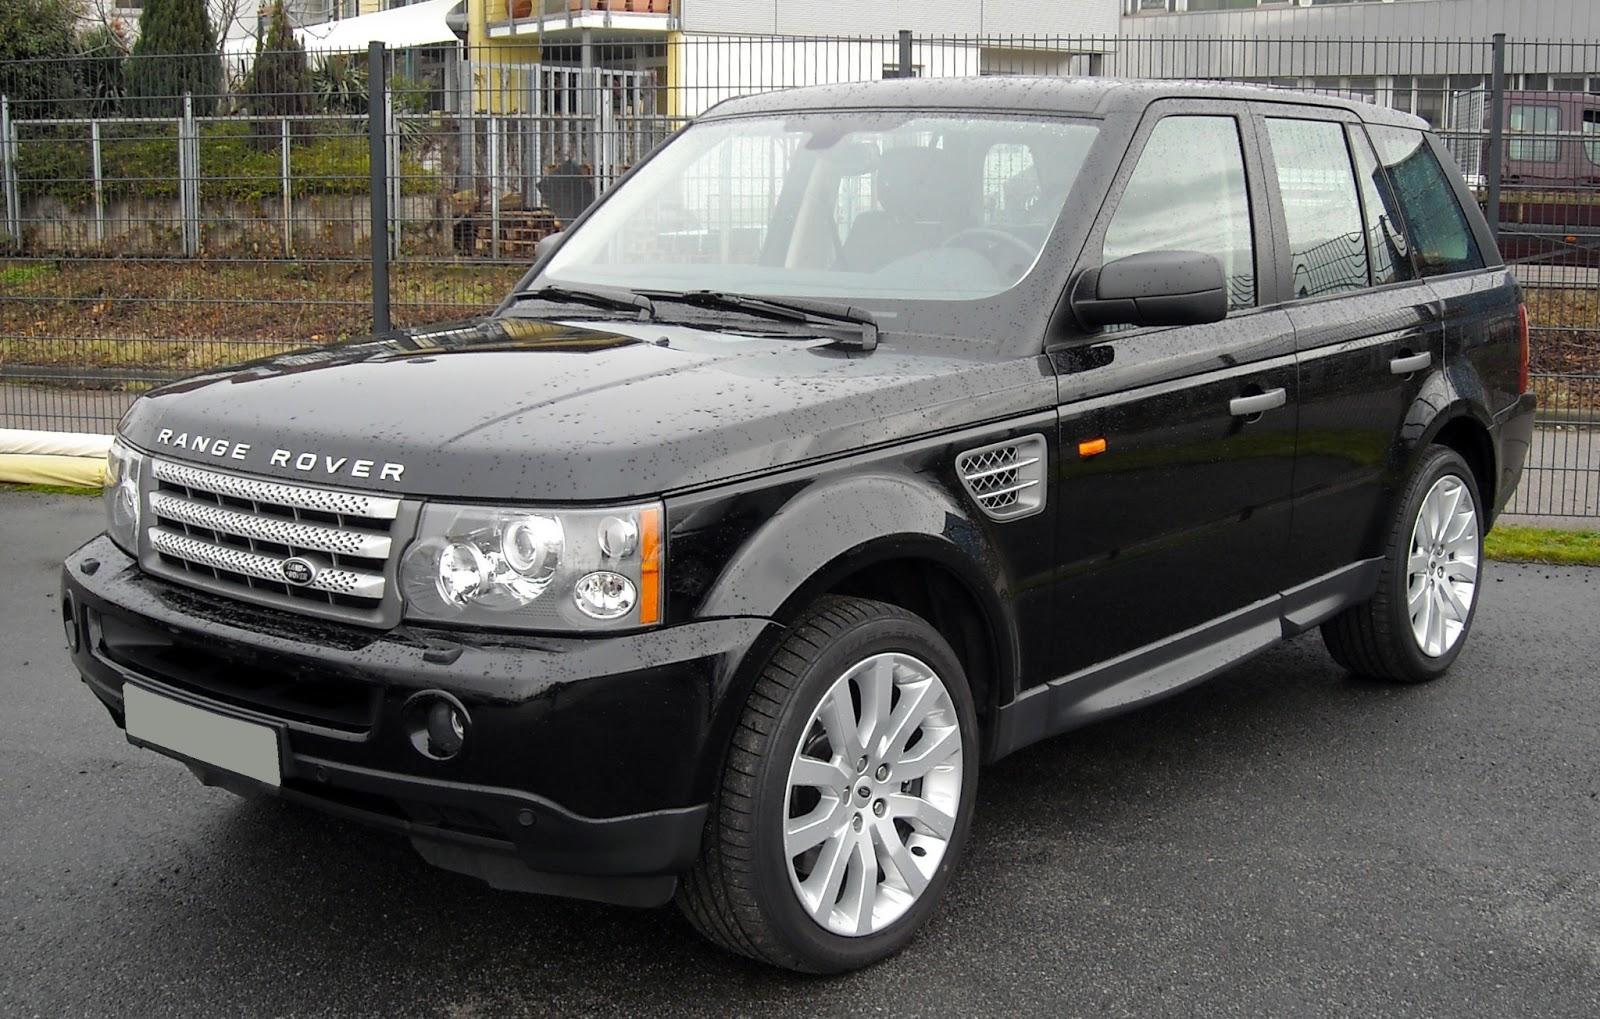 new car models range rover sport. Black Bedroom Furniture Sets. Home Design Ideas